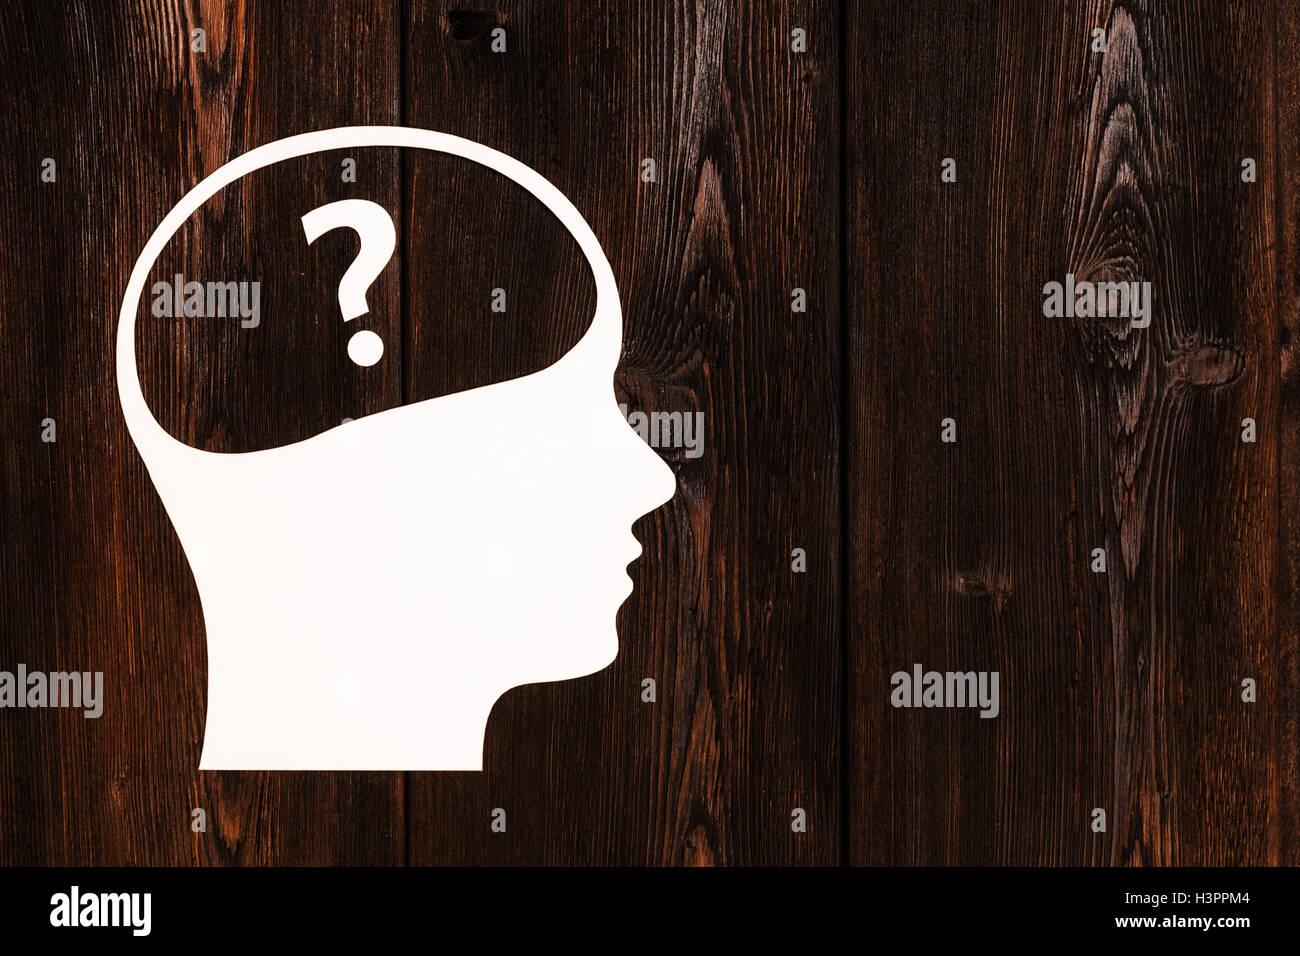 Cabeza de papel con la pregunta en su interior. Imagen conceptual abstracto, copyspace Imagen De Stock